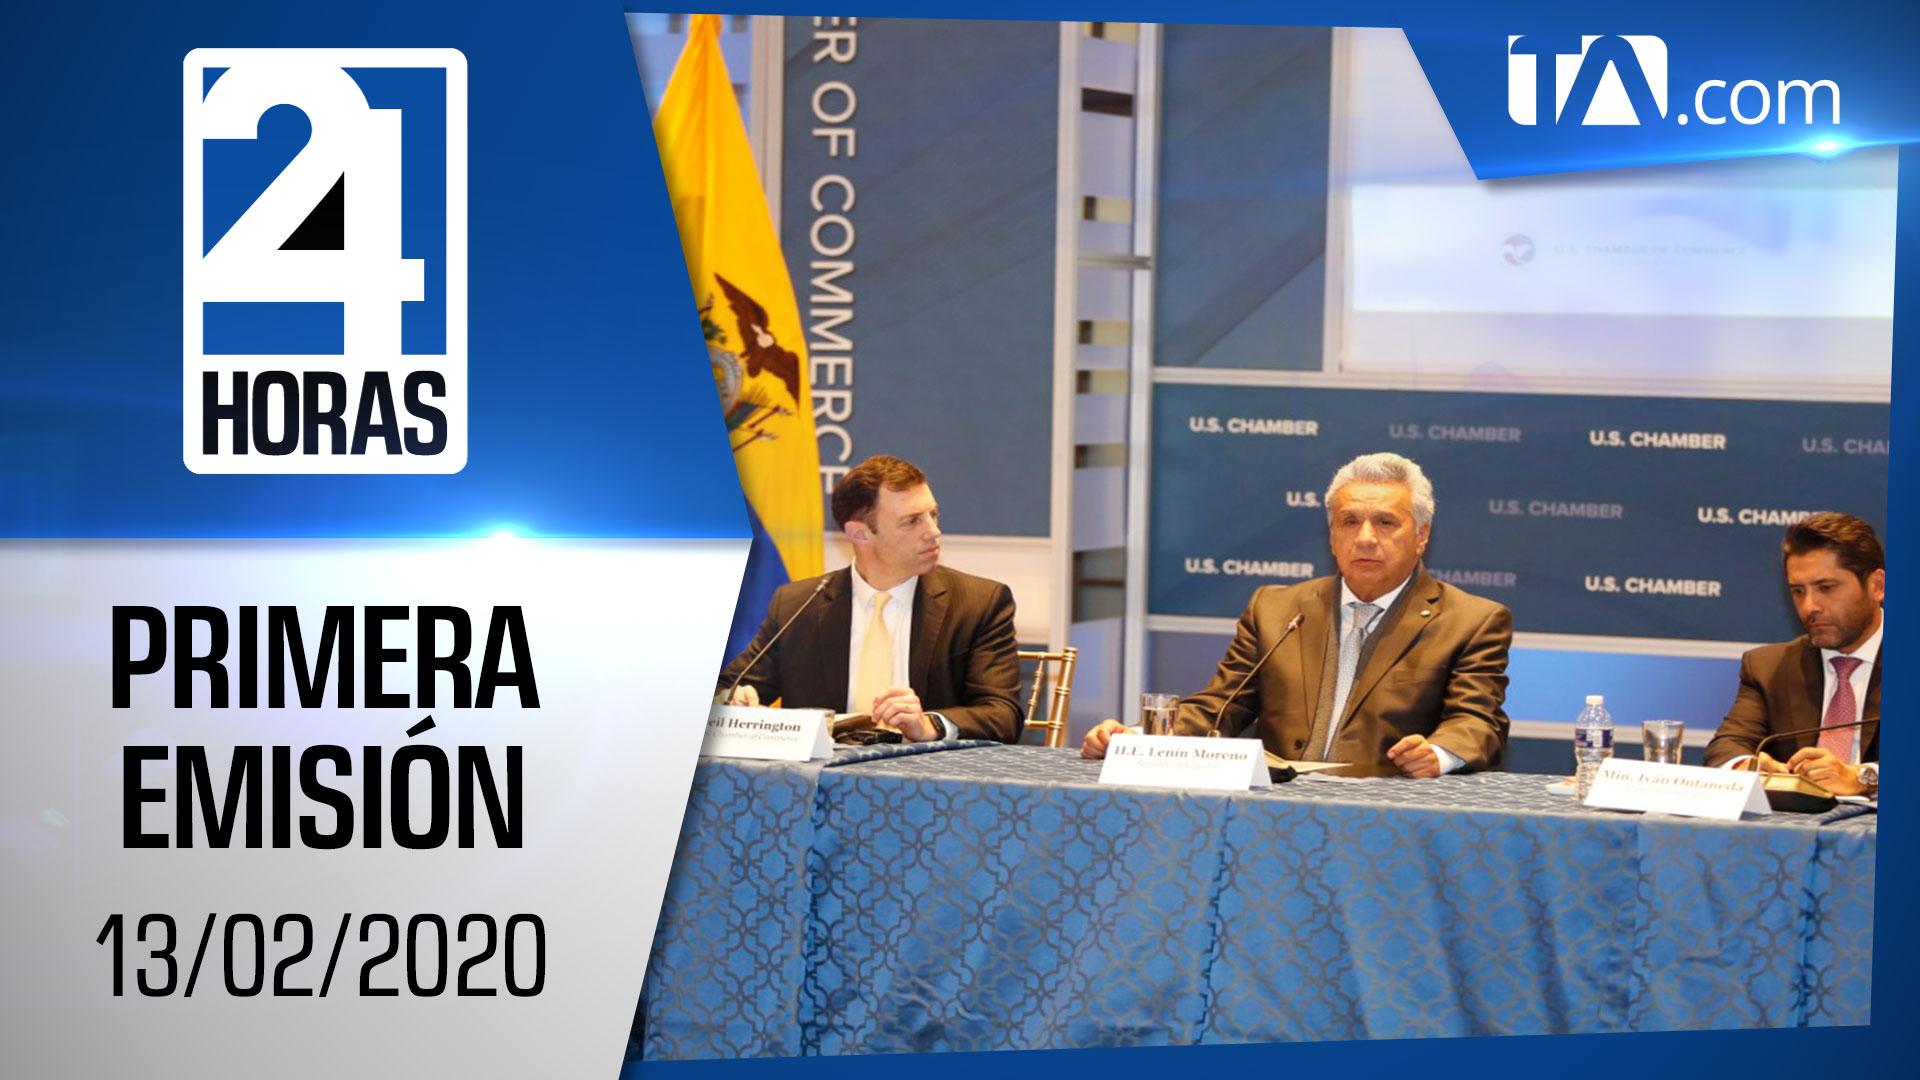 Noticias Ecuador : Noticiero 24 Horas 13/02/2020 (Primera Emisión)